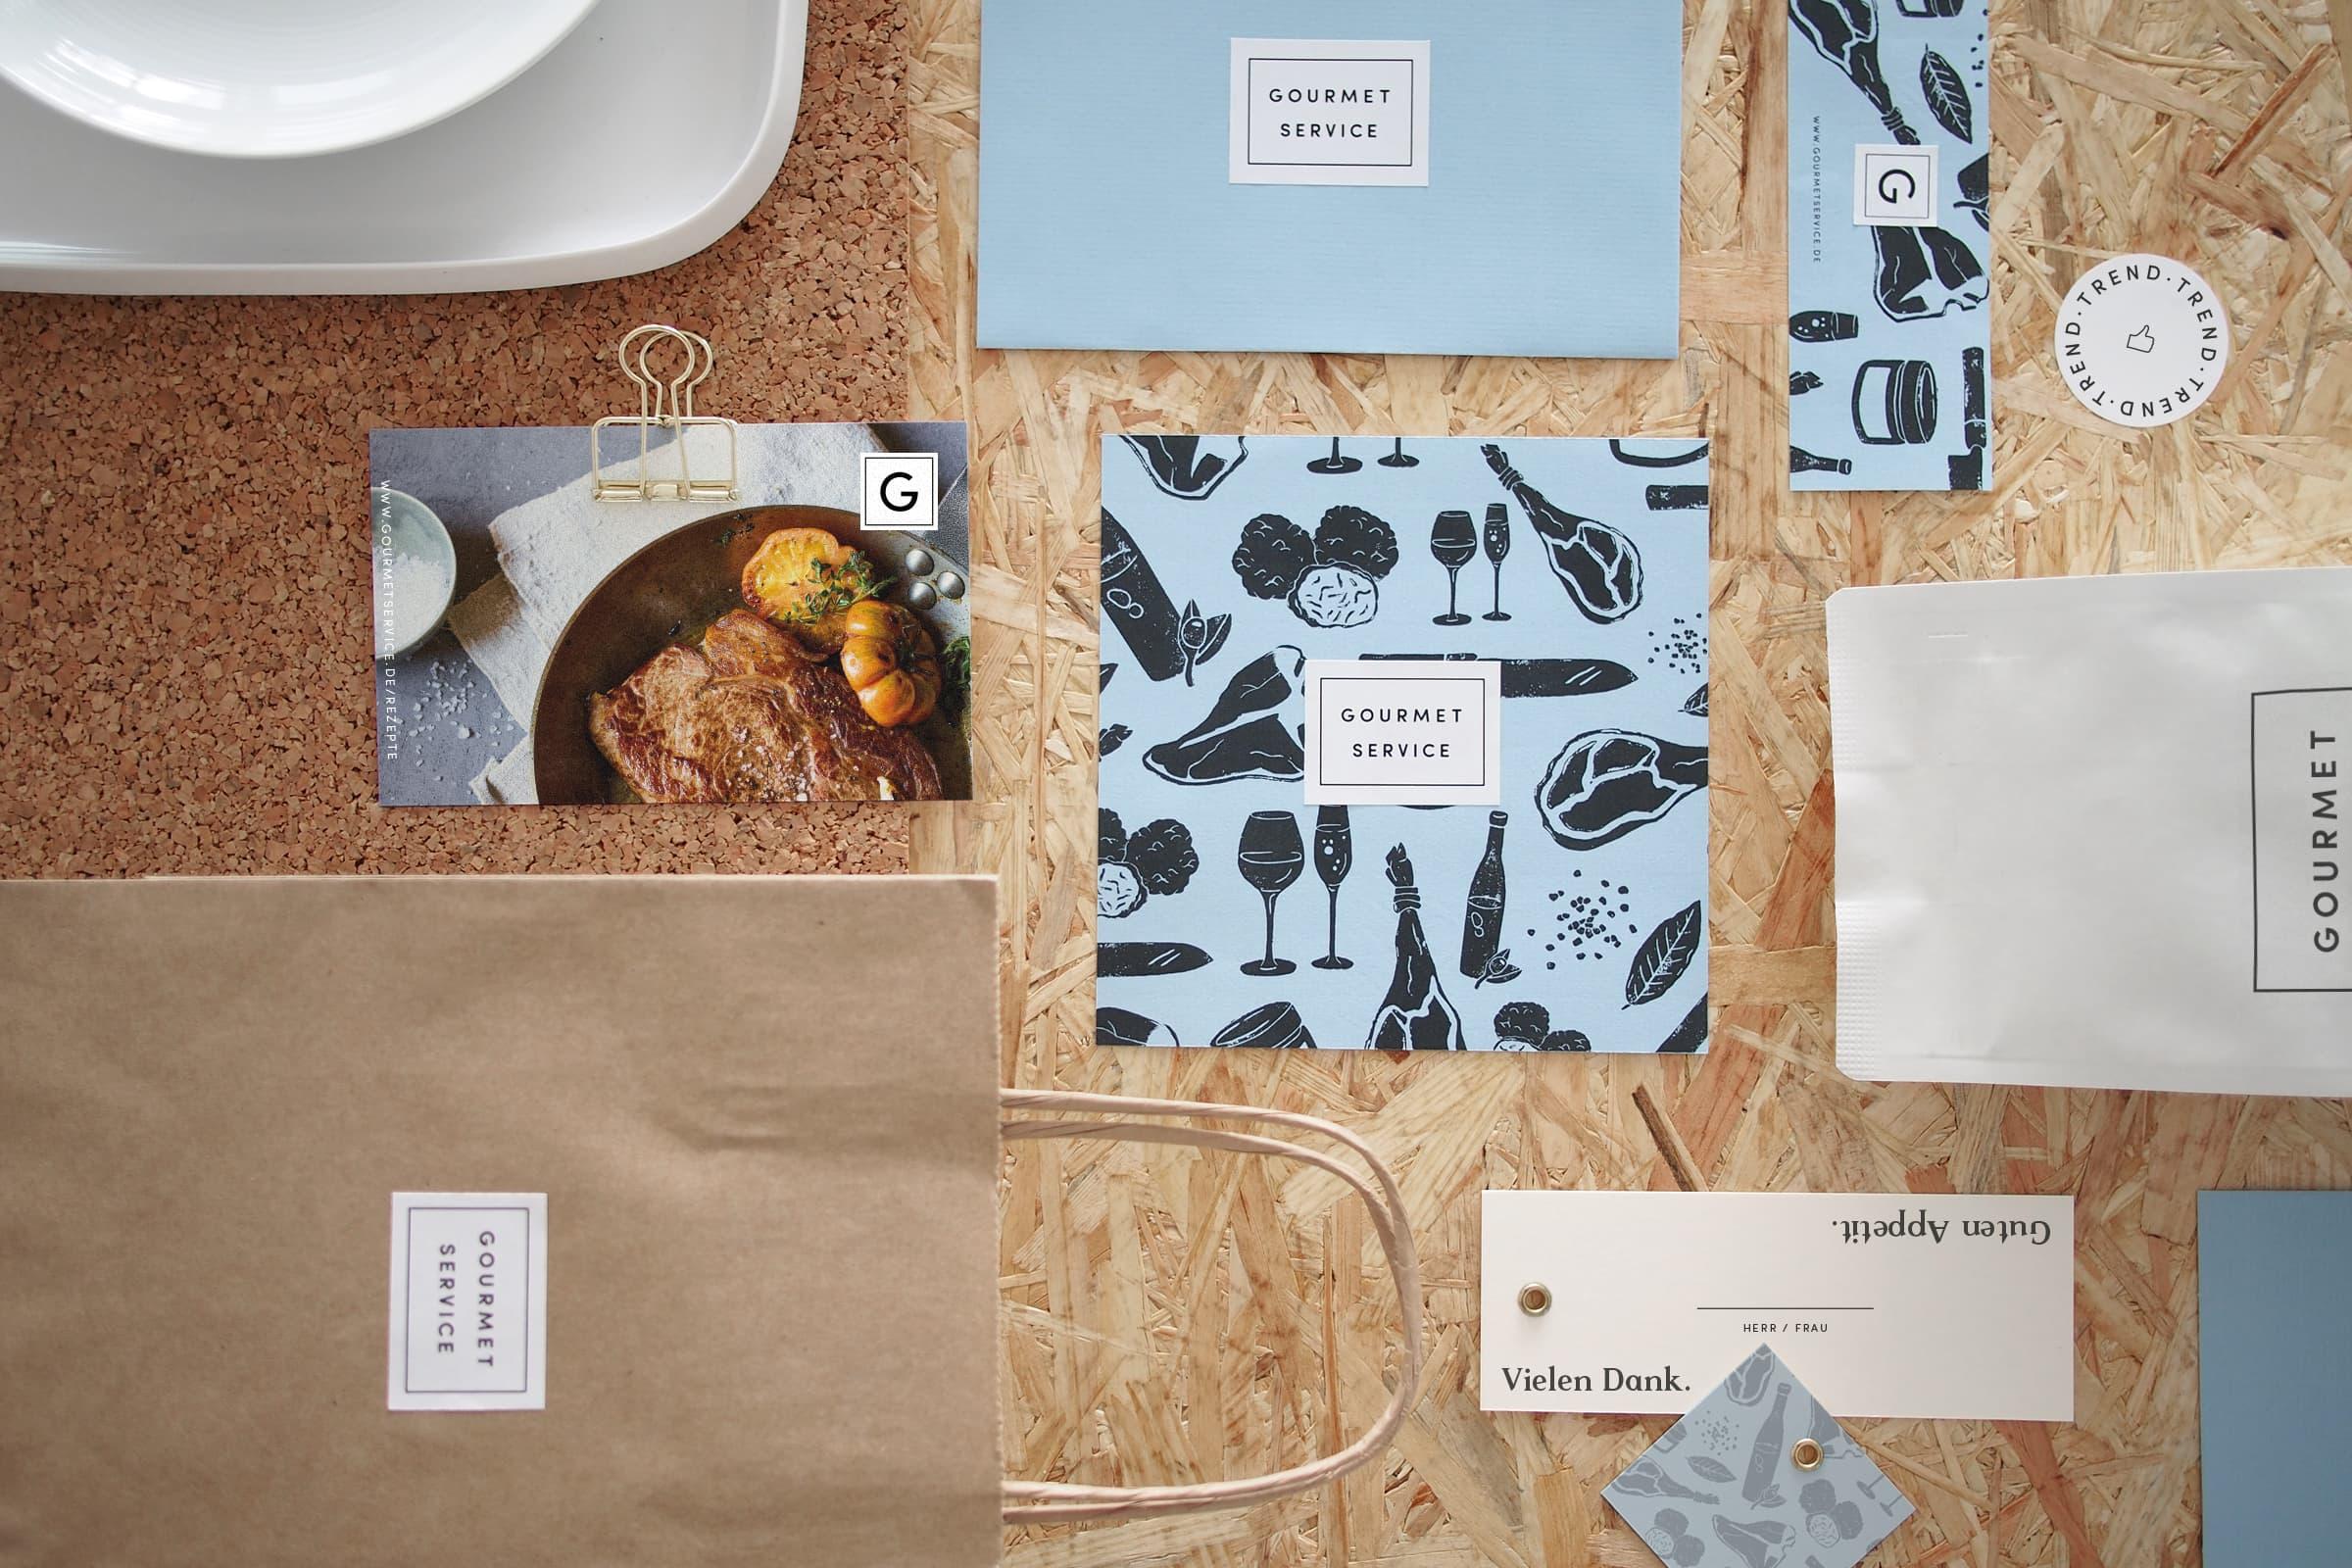 Corporate Design, Packaging Design, Lebensmittel, Supermarkt, Gourmet, Feinkost, Design, Logo